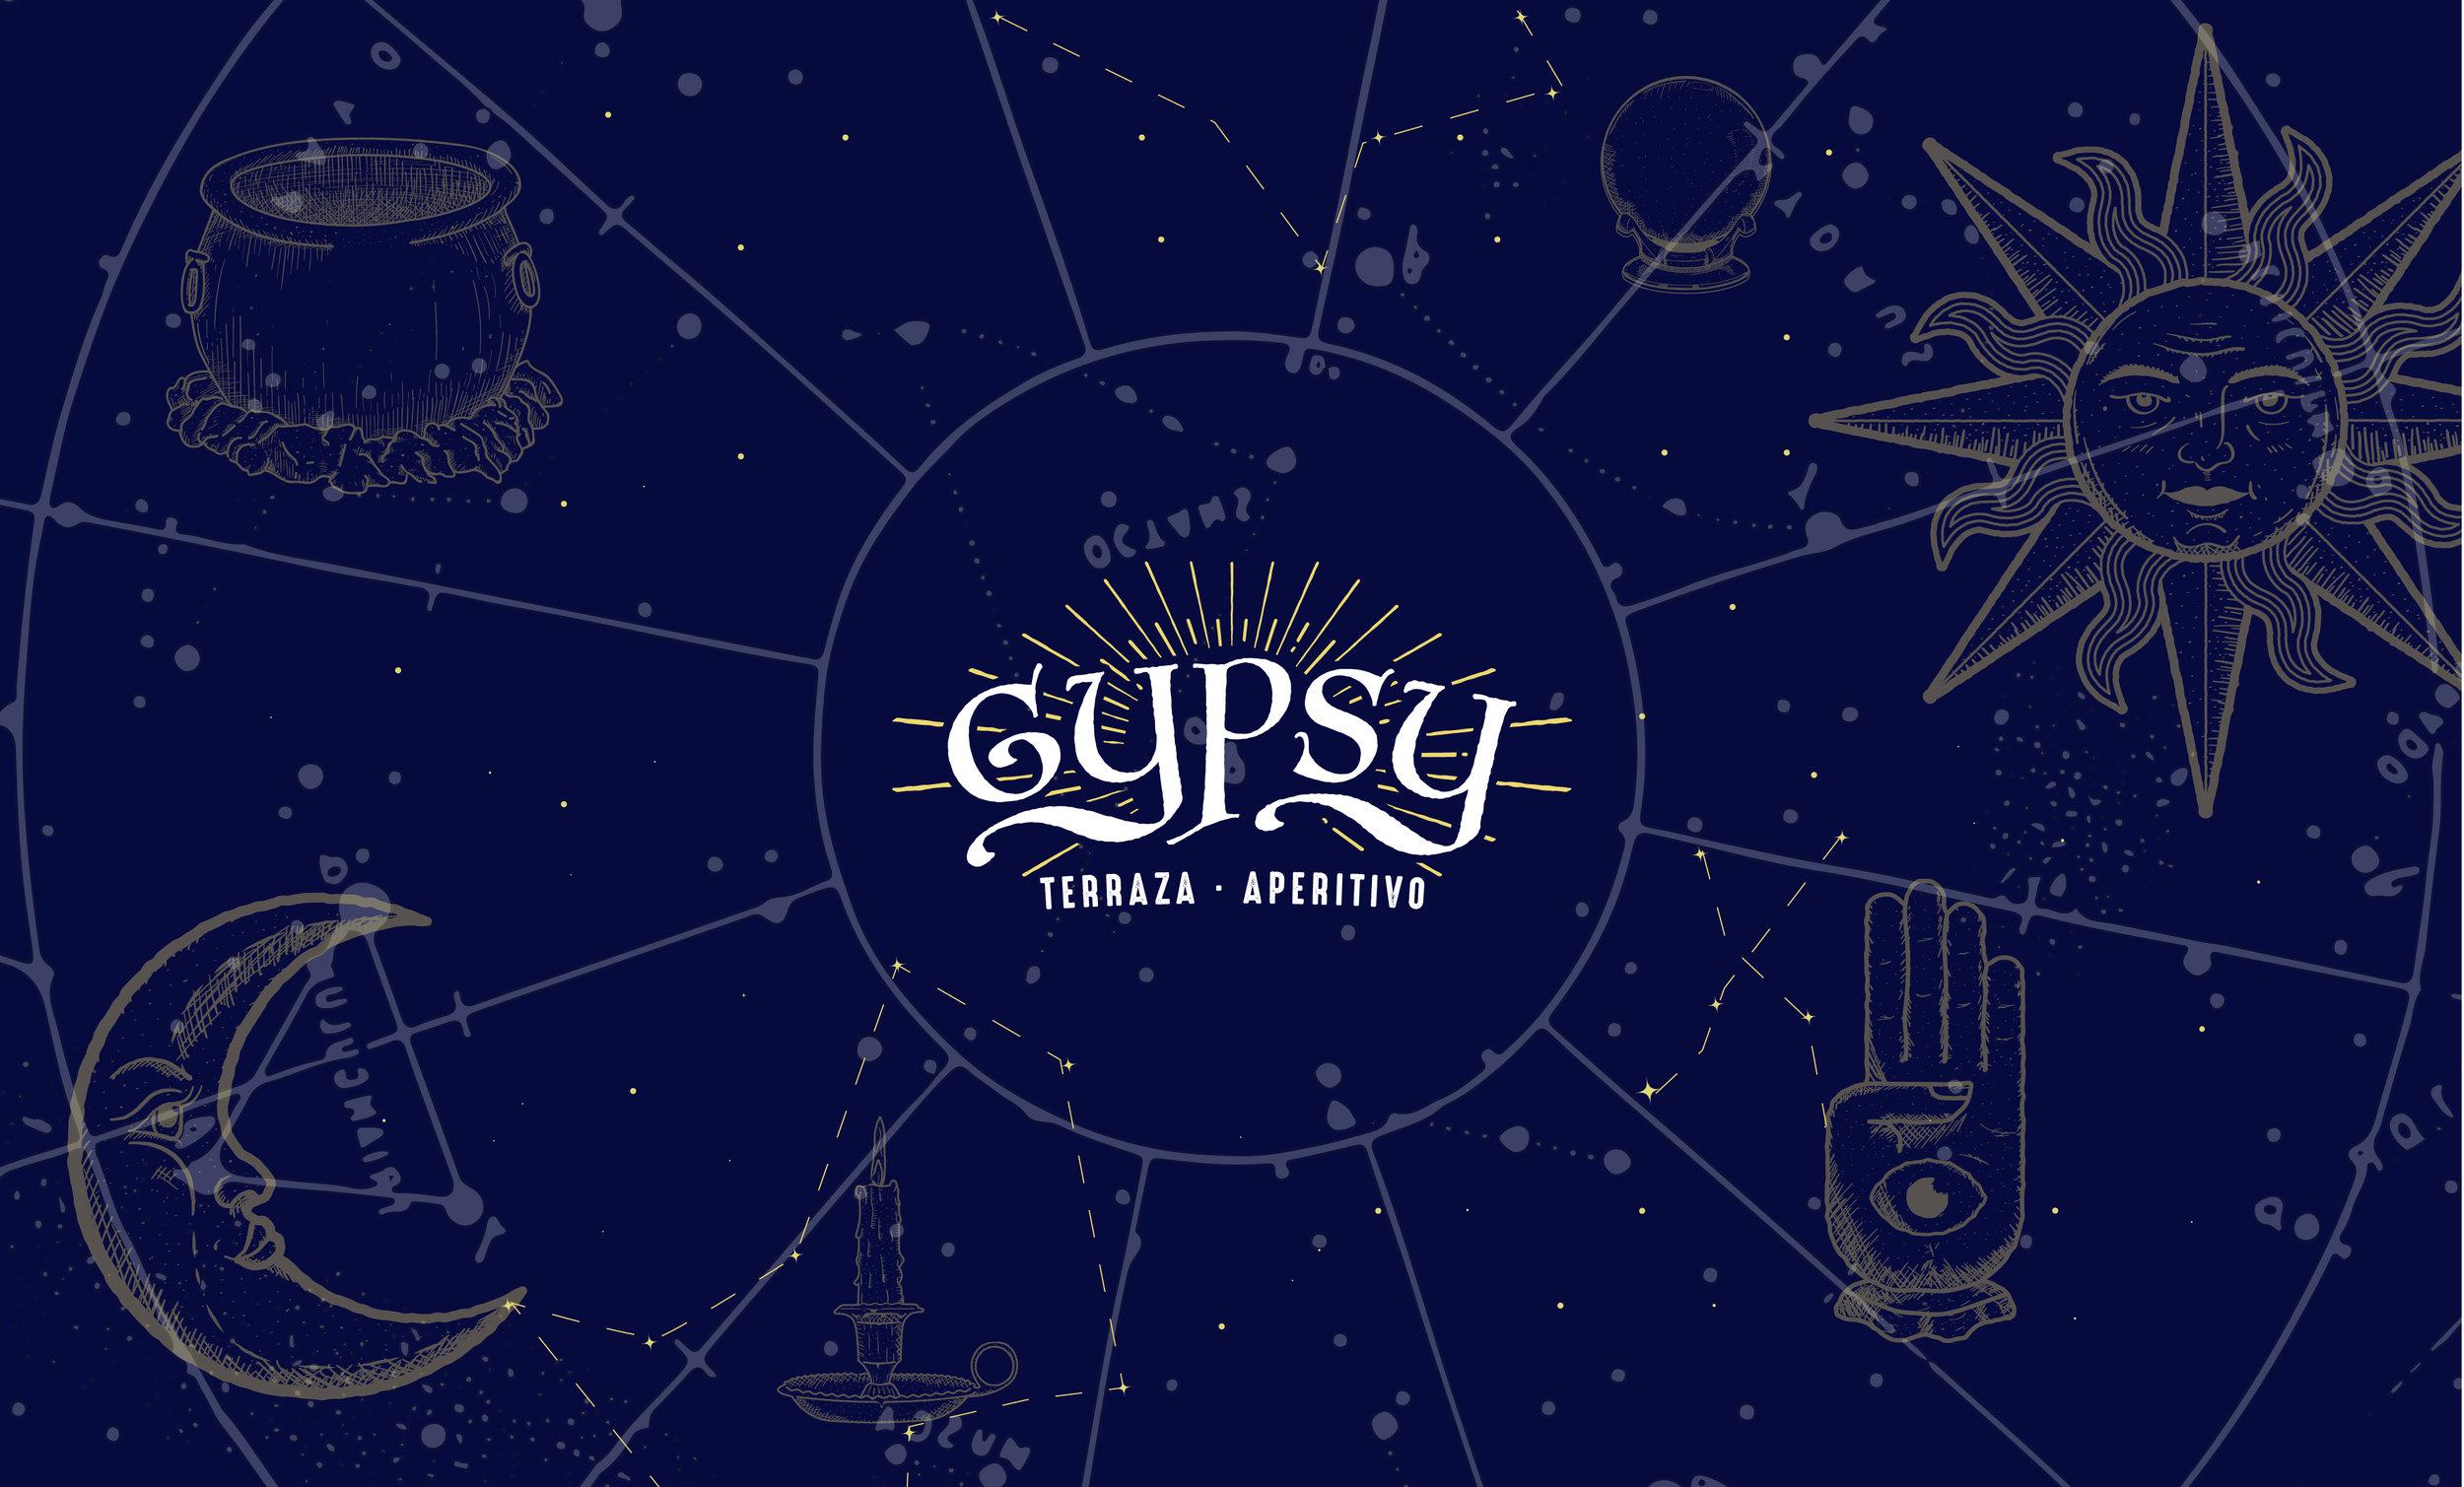 Gypsy_Web-01.jpg